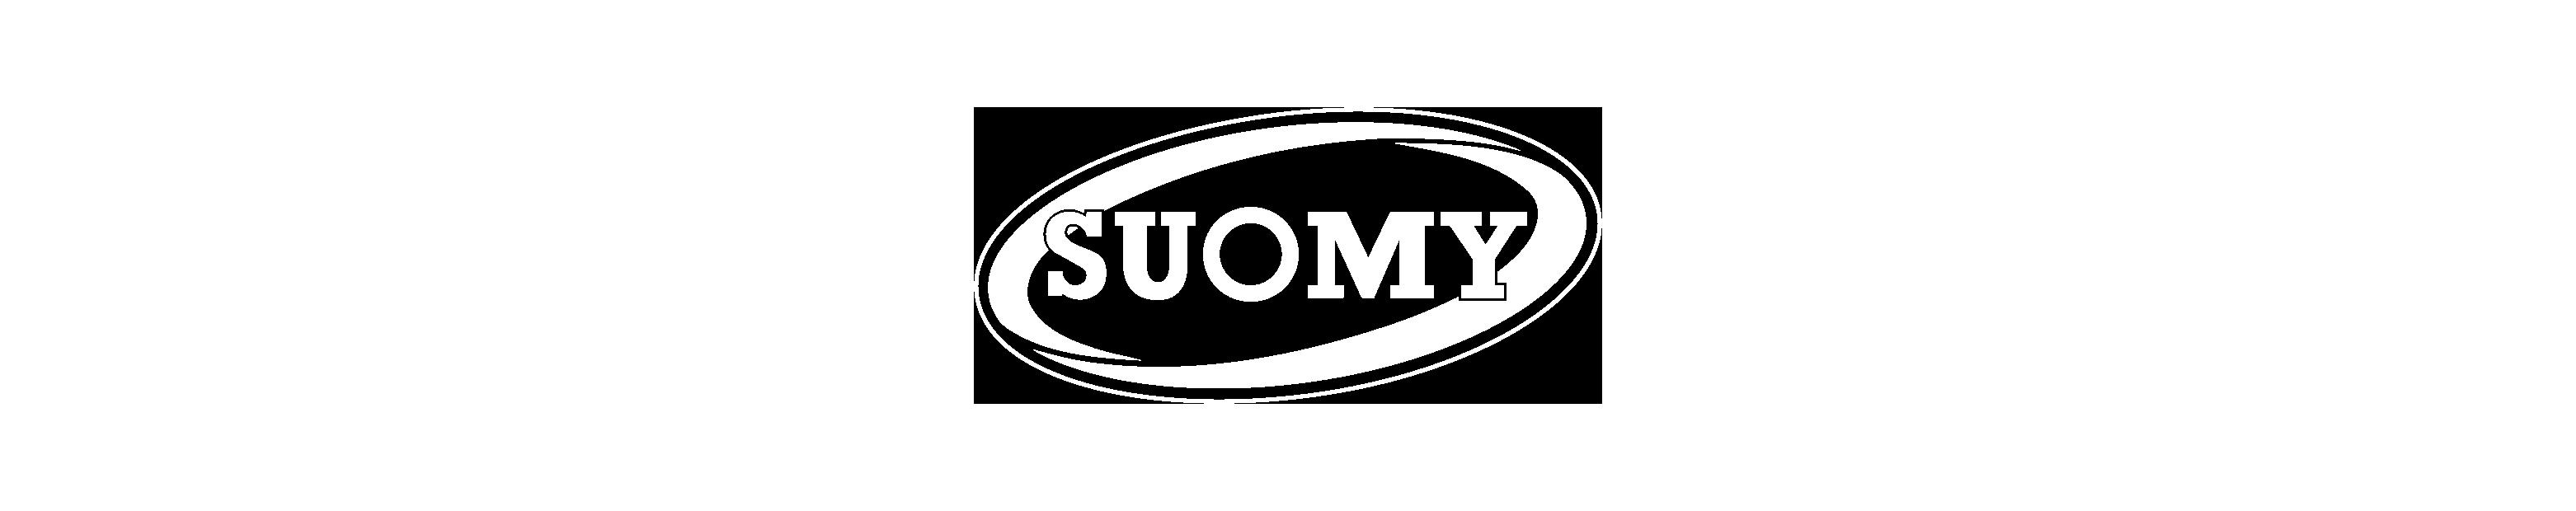 07.SUOMY